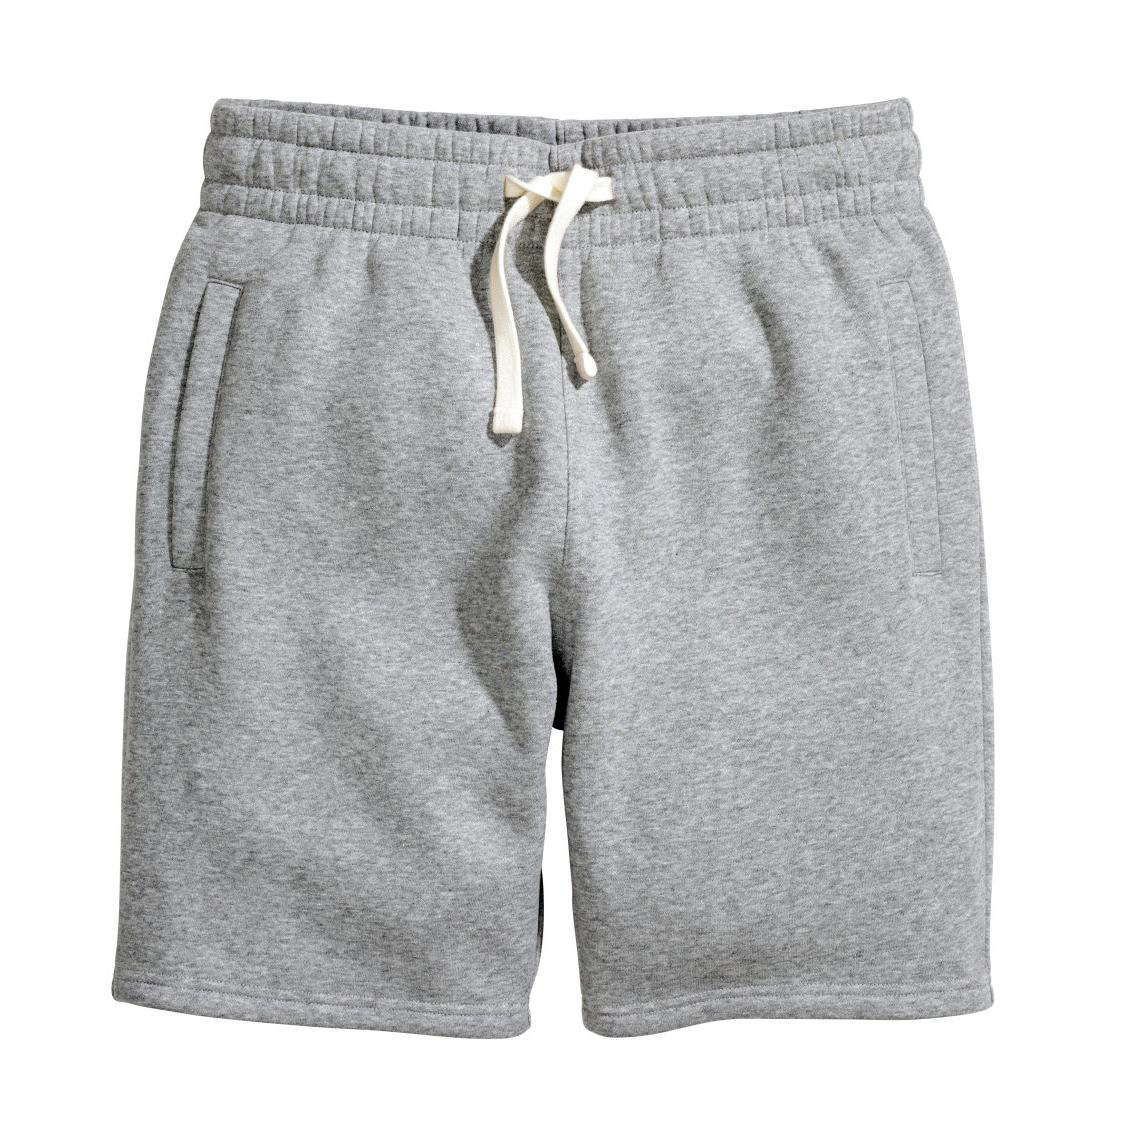 Shorts juli 1